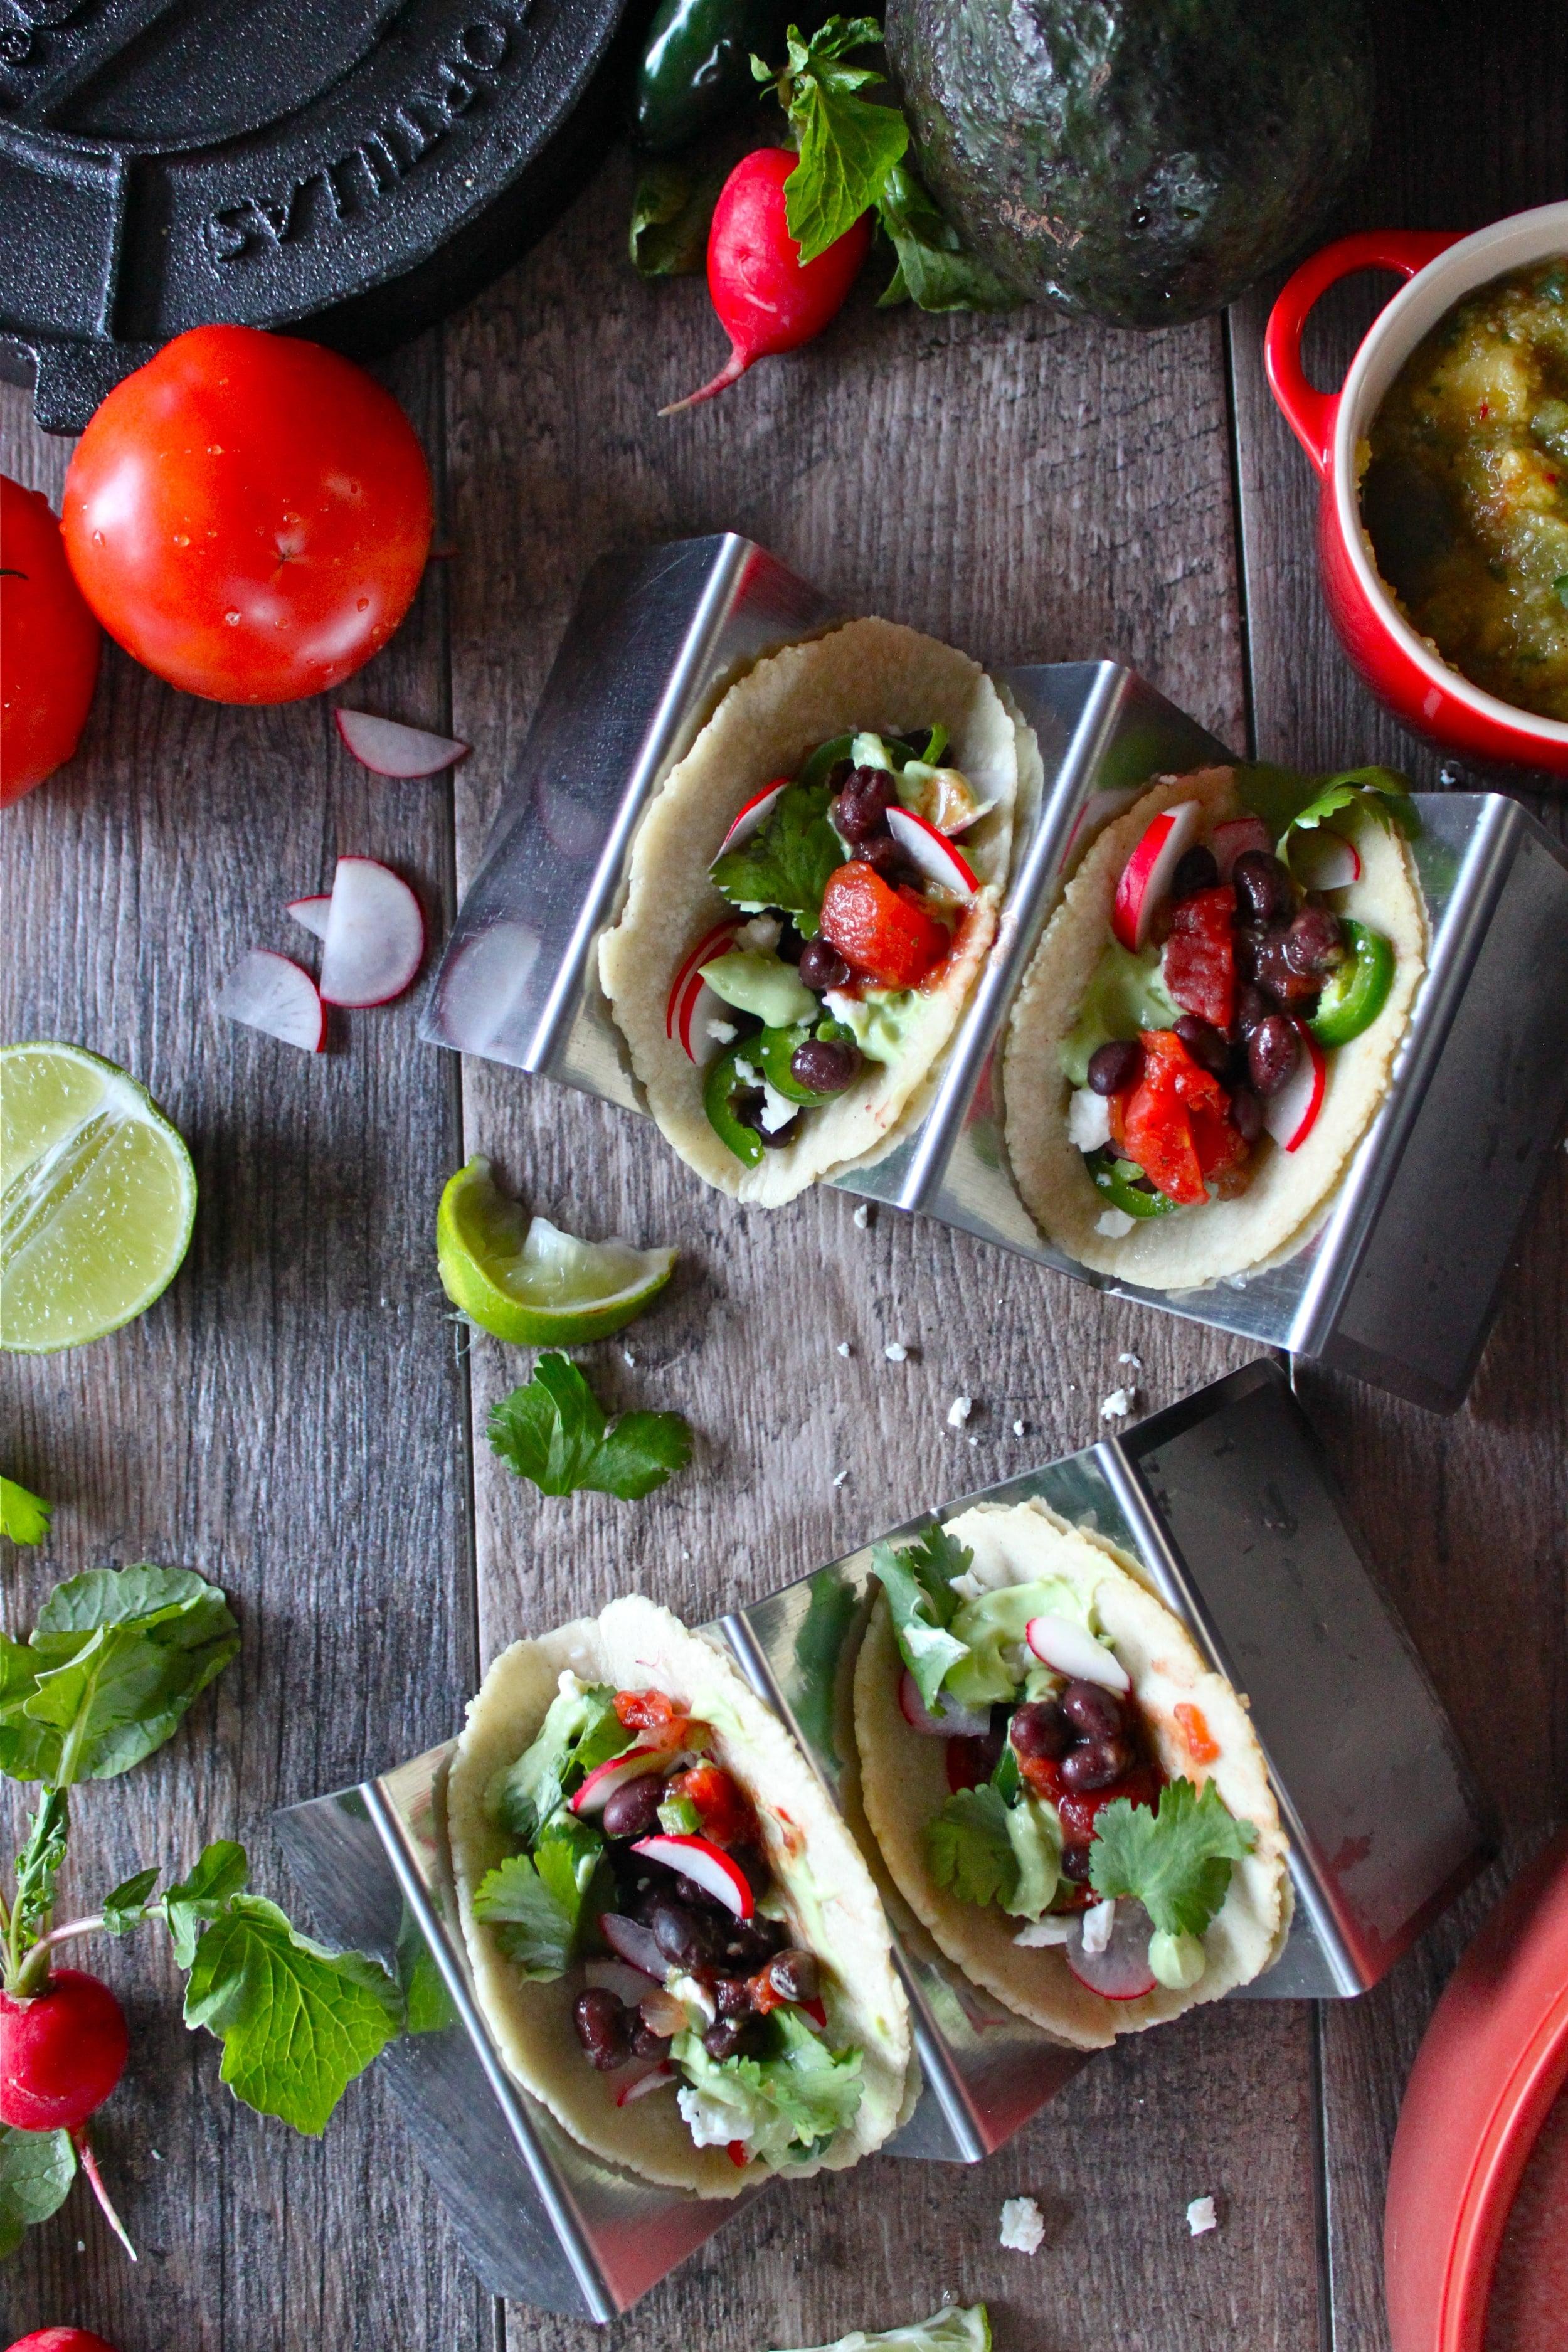 homemade tortillas and tacos_8.JPG